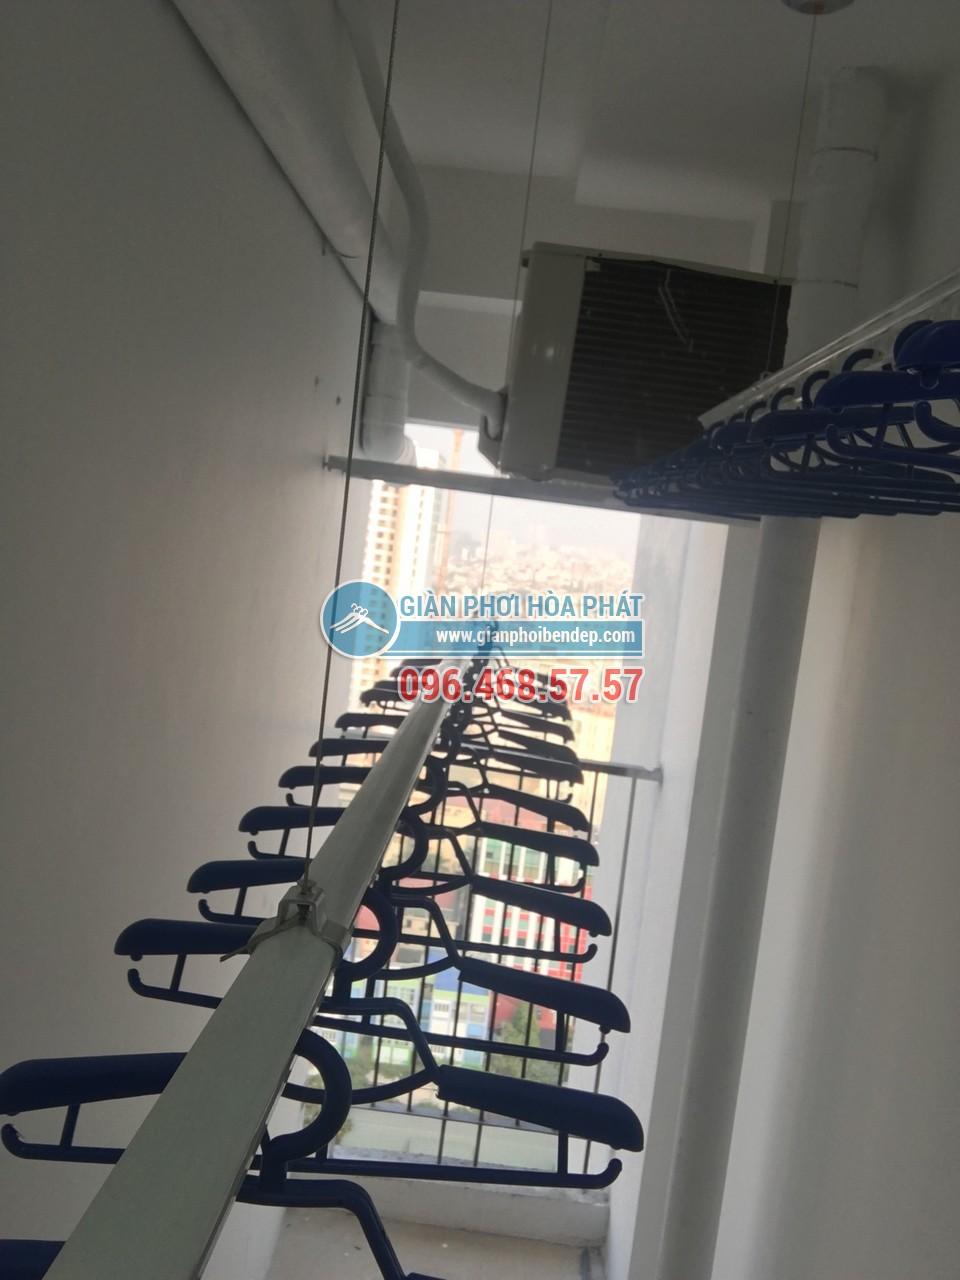 Hoàn thiện lắp đặt giàn phơi thông minh tại lô gia nhà chú Hưng, Golden West - 05